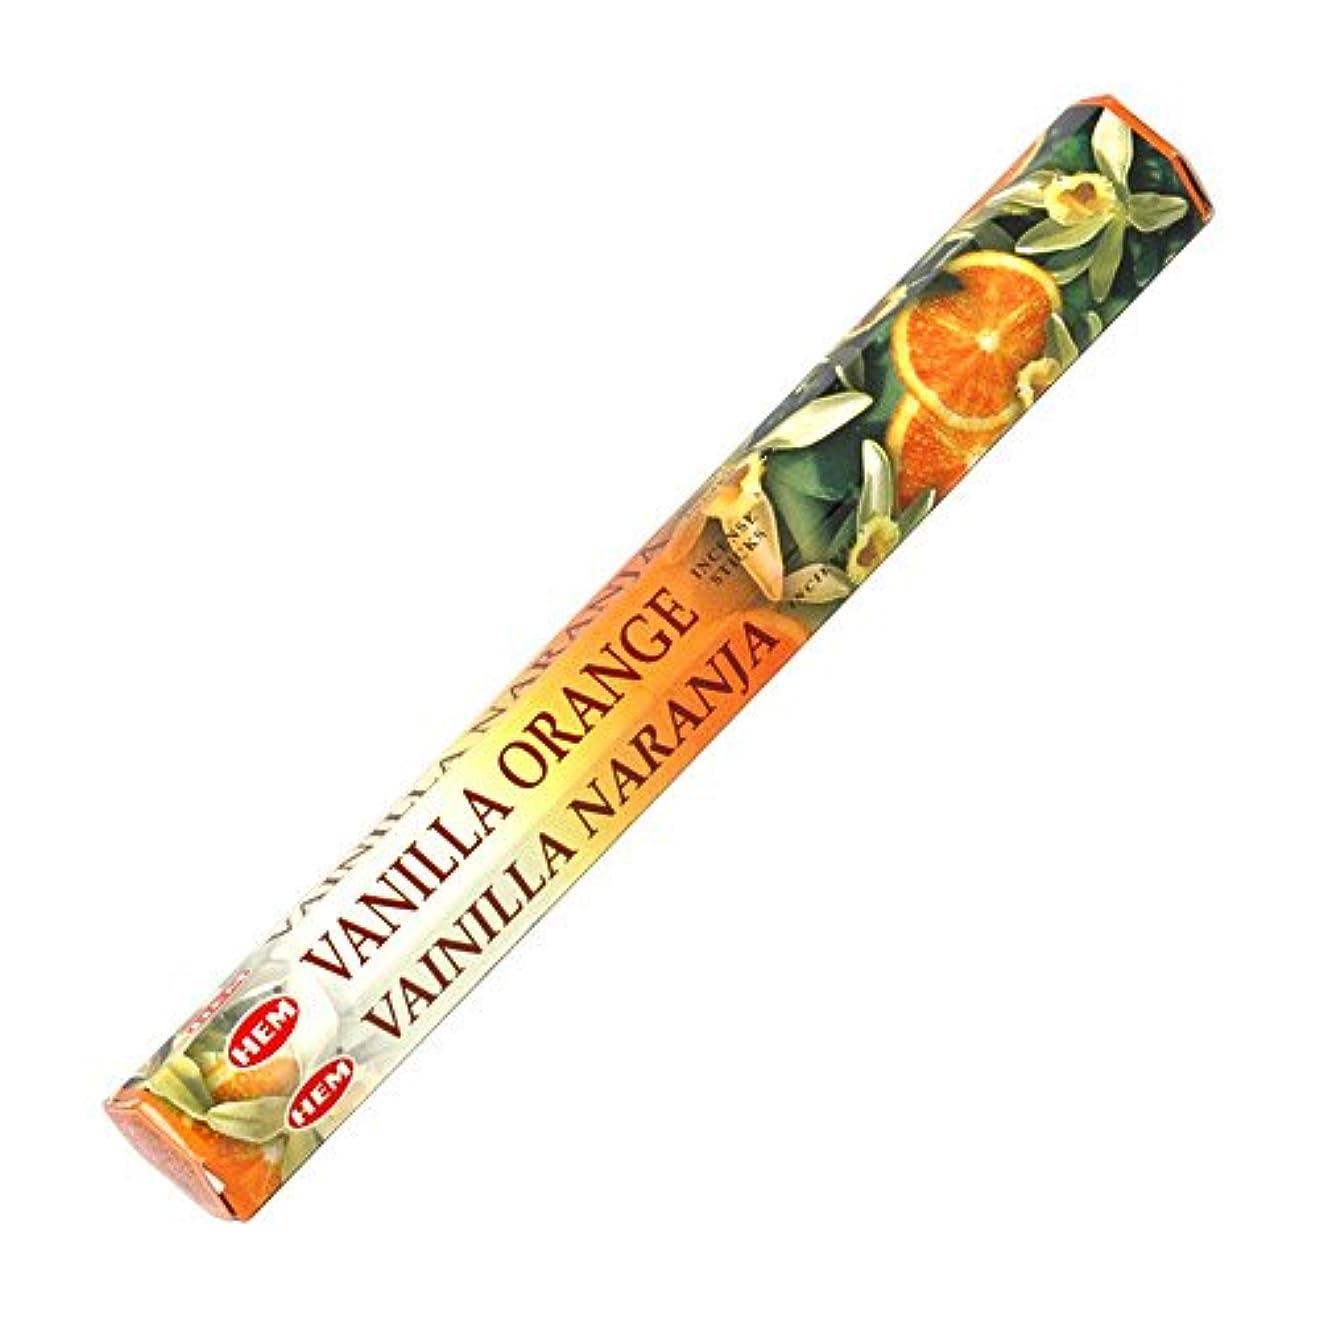 解明する留め金ロック解除【HEM/ヘム】《バニラ?オレンジ》へキサパック/インド/お香/インセンス/スティック/6角(20本入)×1箱